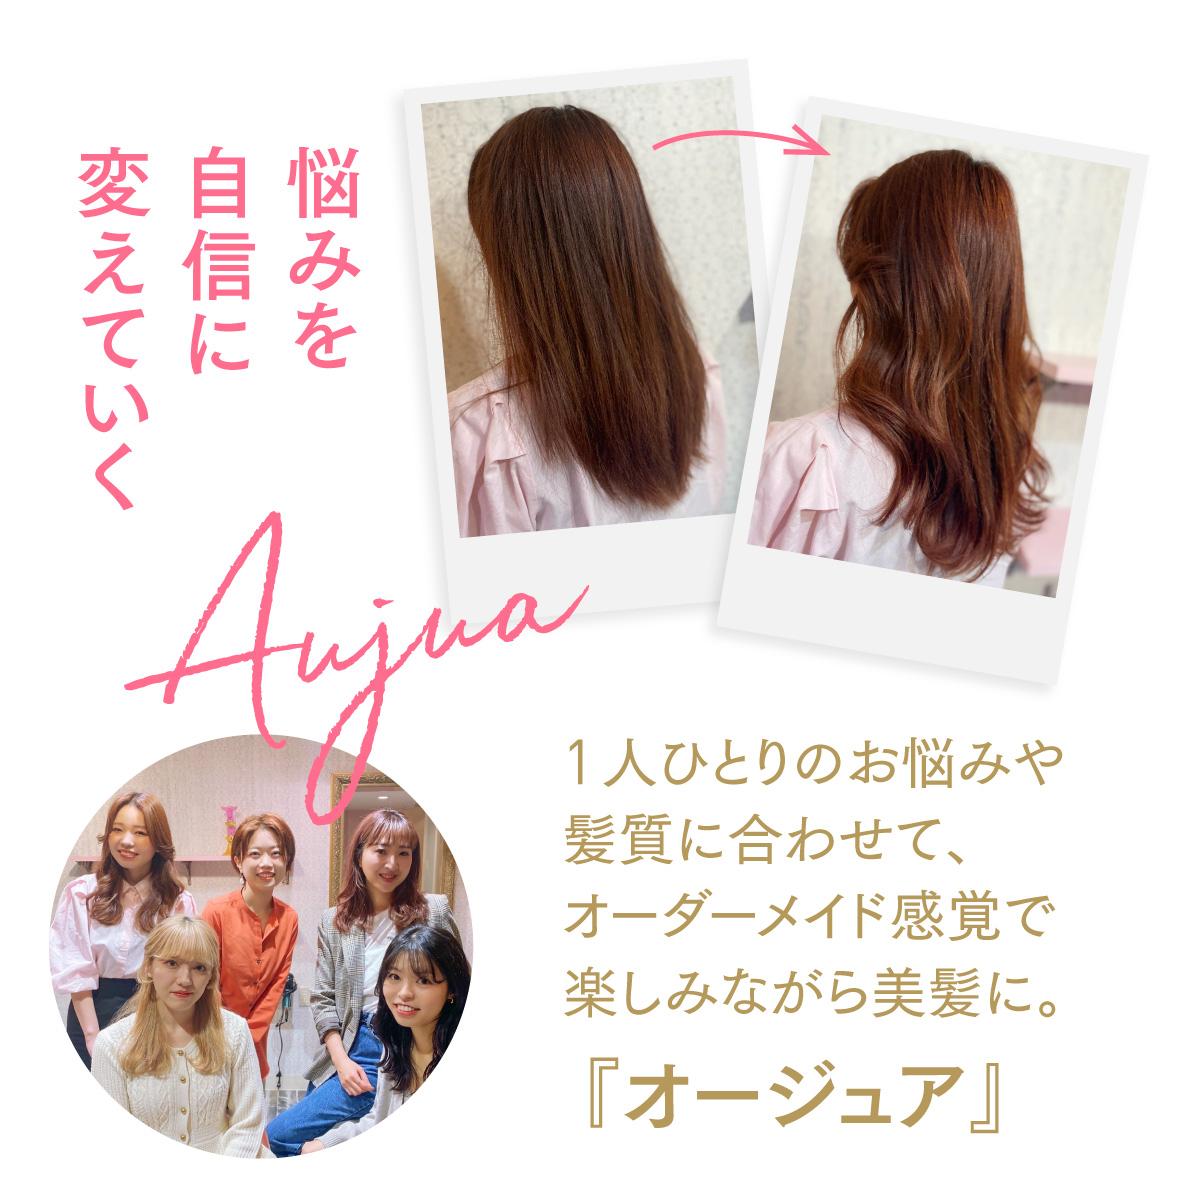 なりたい髪を実現してくれる『Aujua』で褒められ美髪へ!